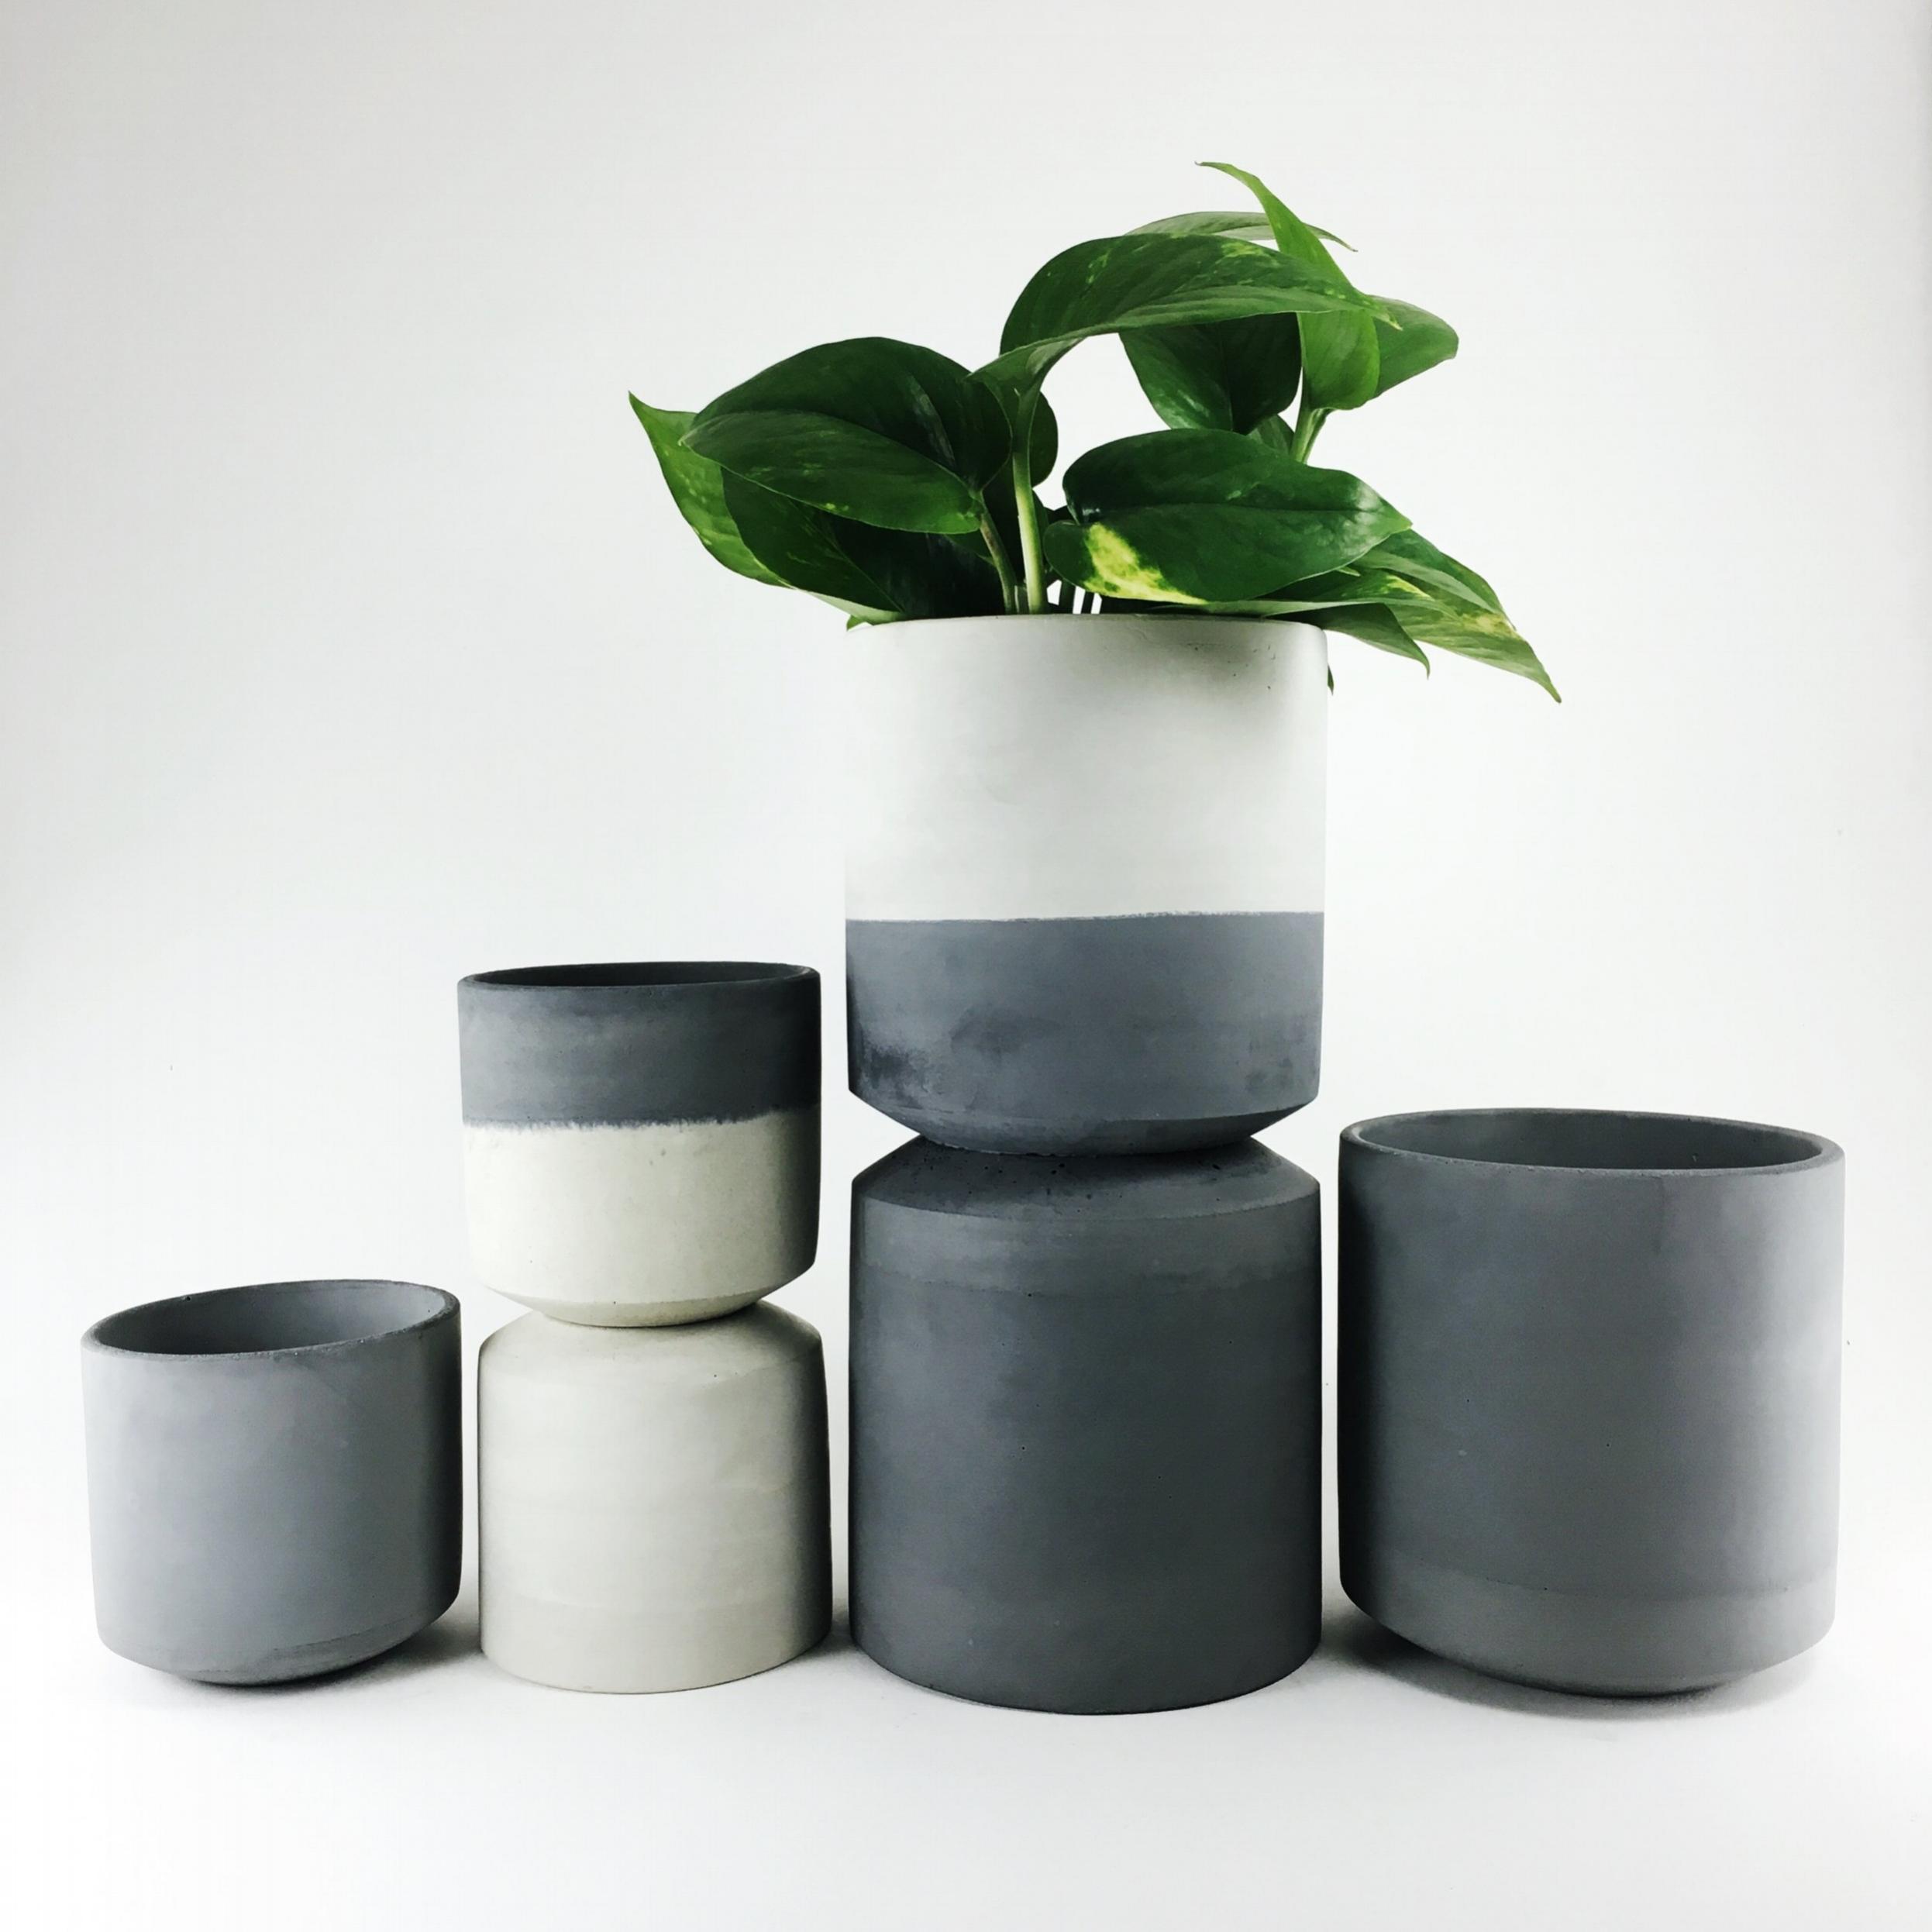 SETTLEWELL - Straight Sided Pot - 1.JPG